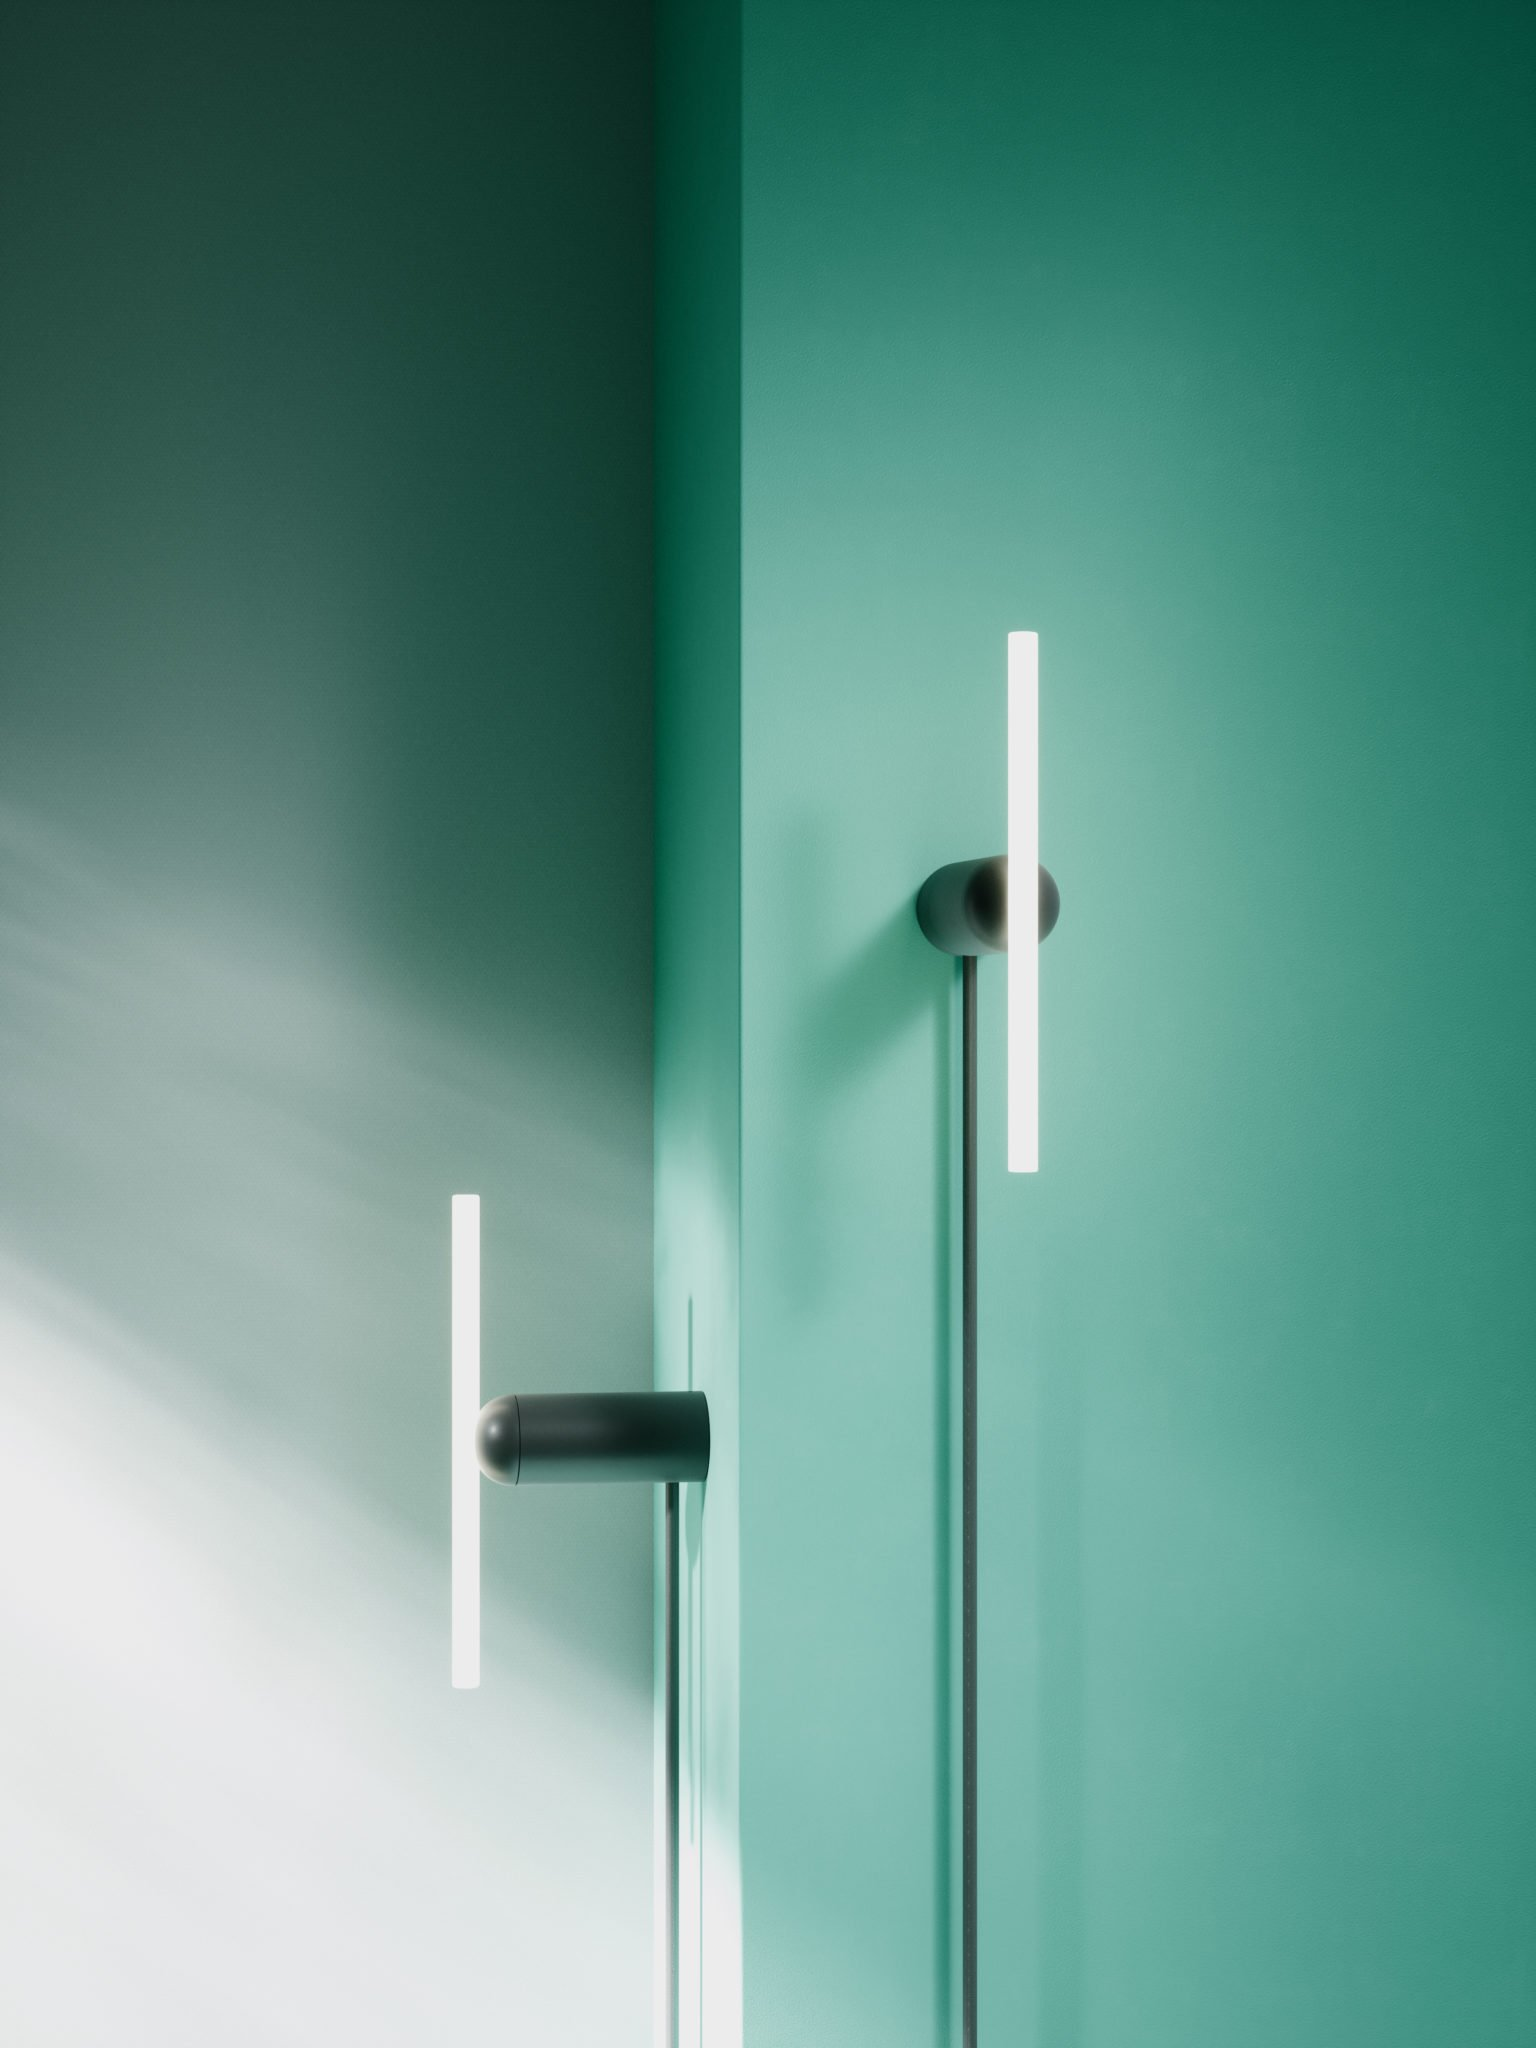 Maison et Objet 2020, minimal LED lamps by BEEM